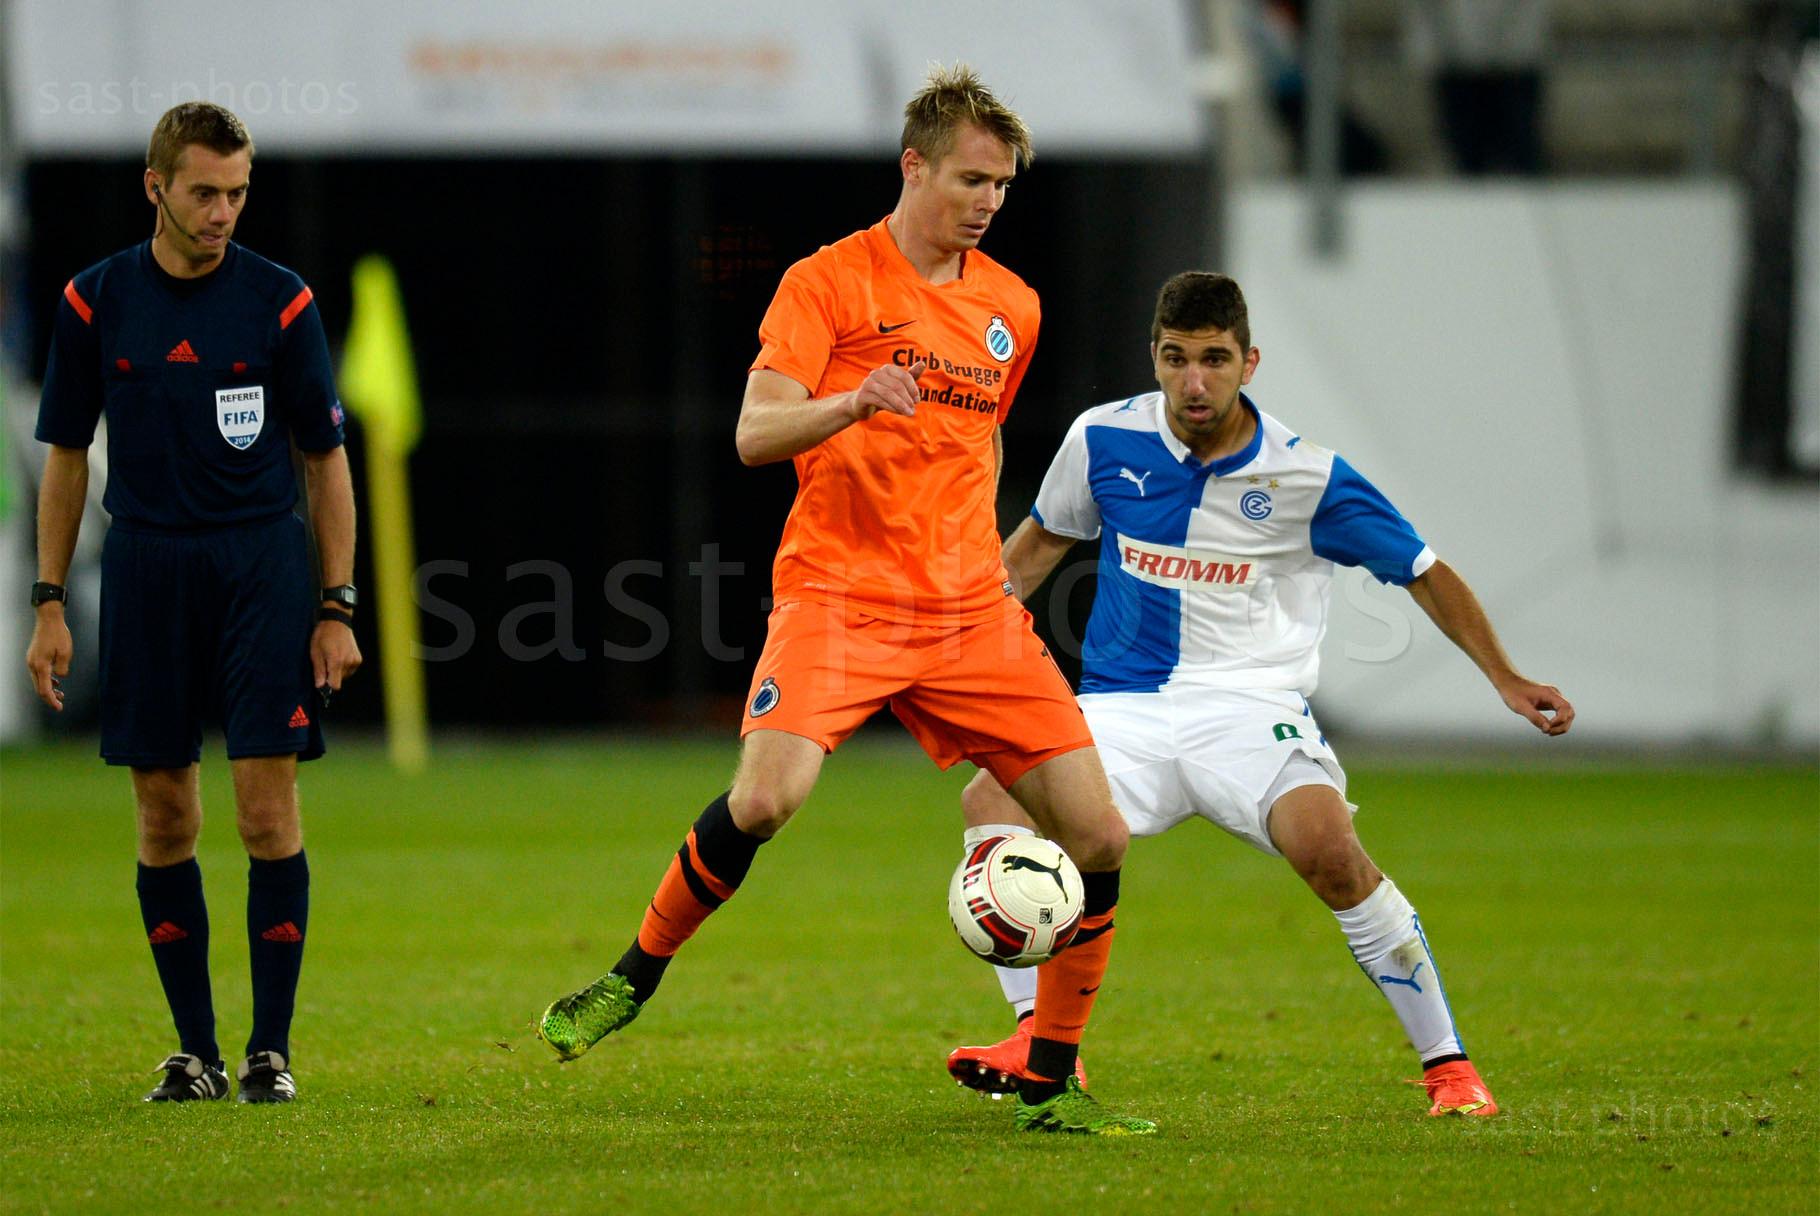 Jesper Jorgensen (L. Brugge) gegen Munas Dabbur (GCZ)